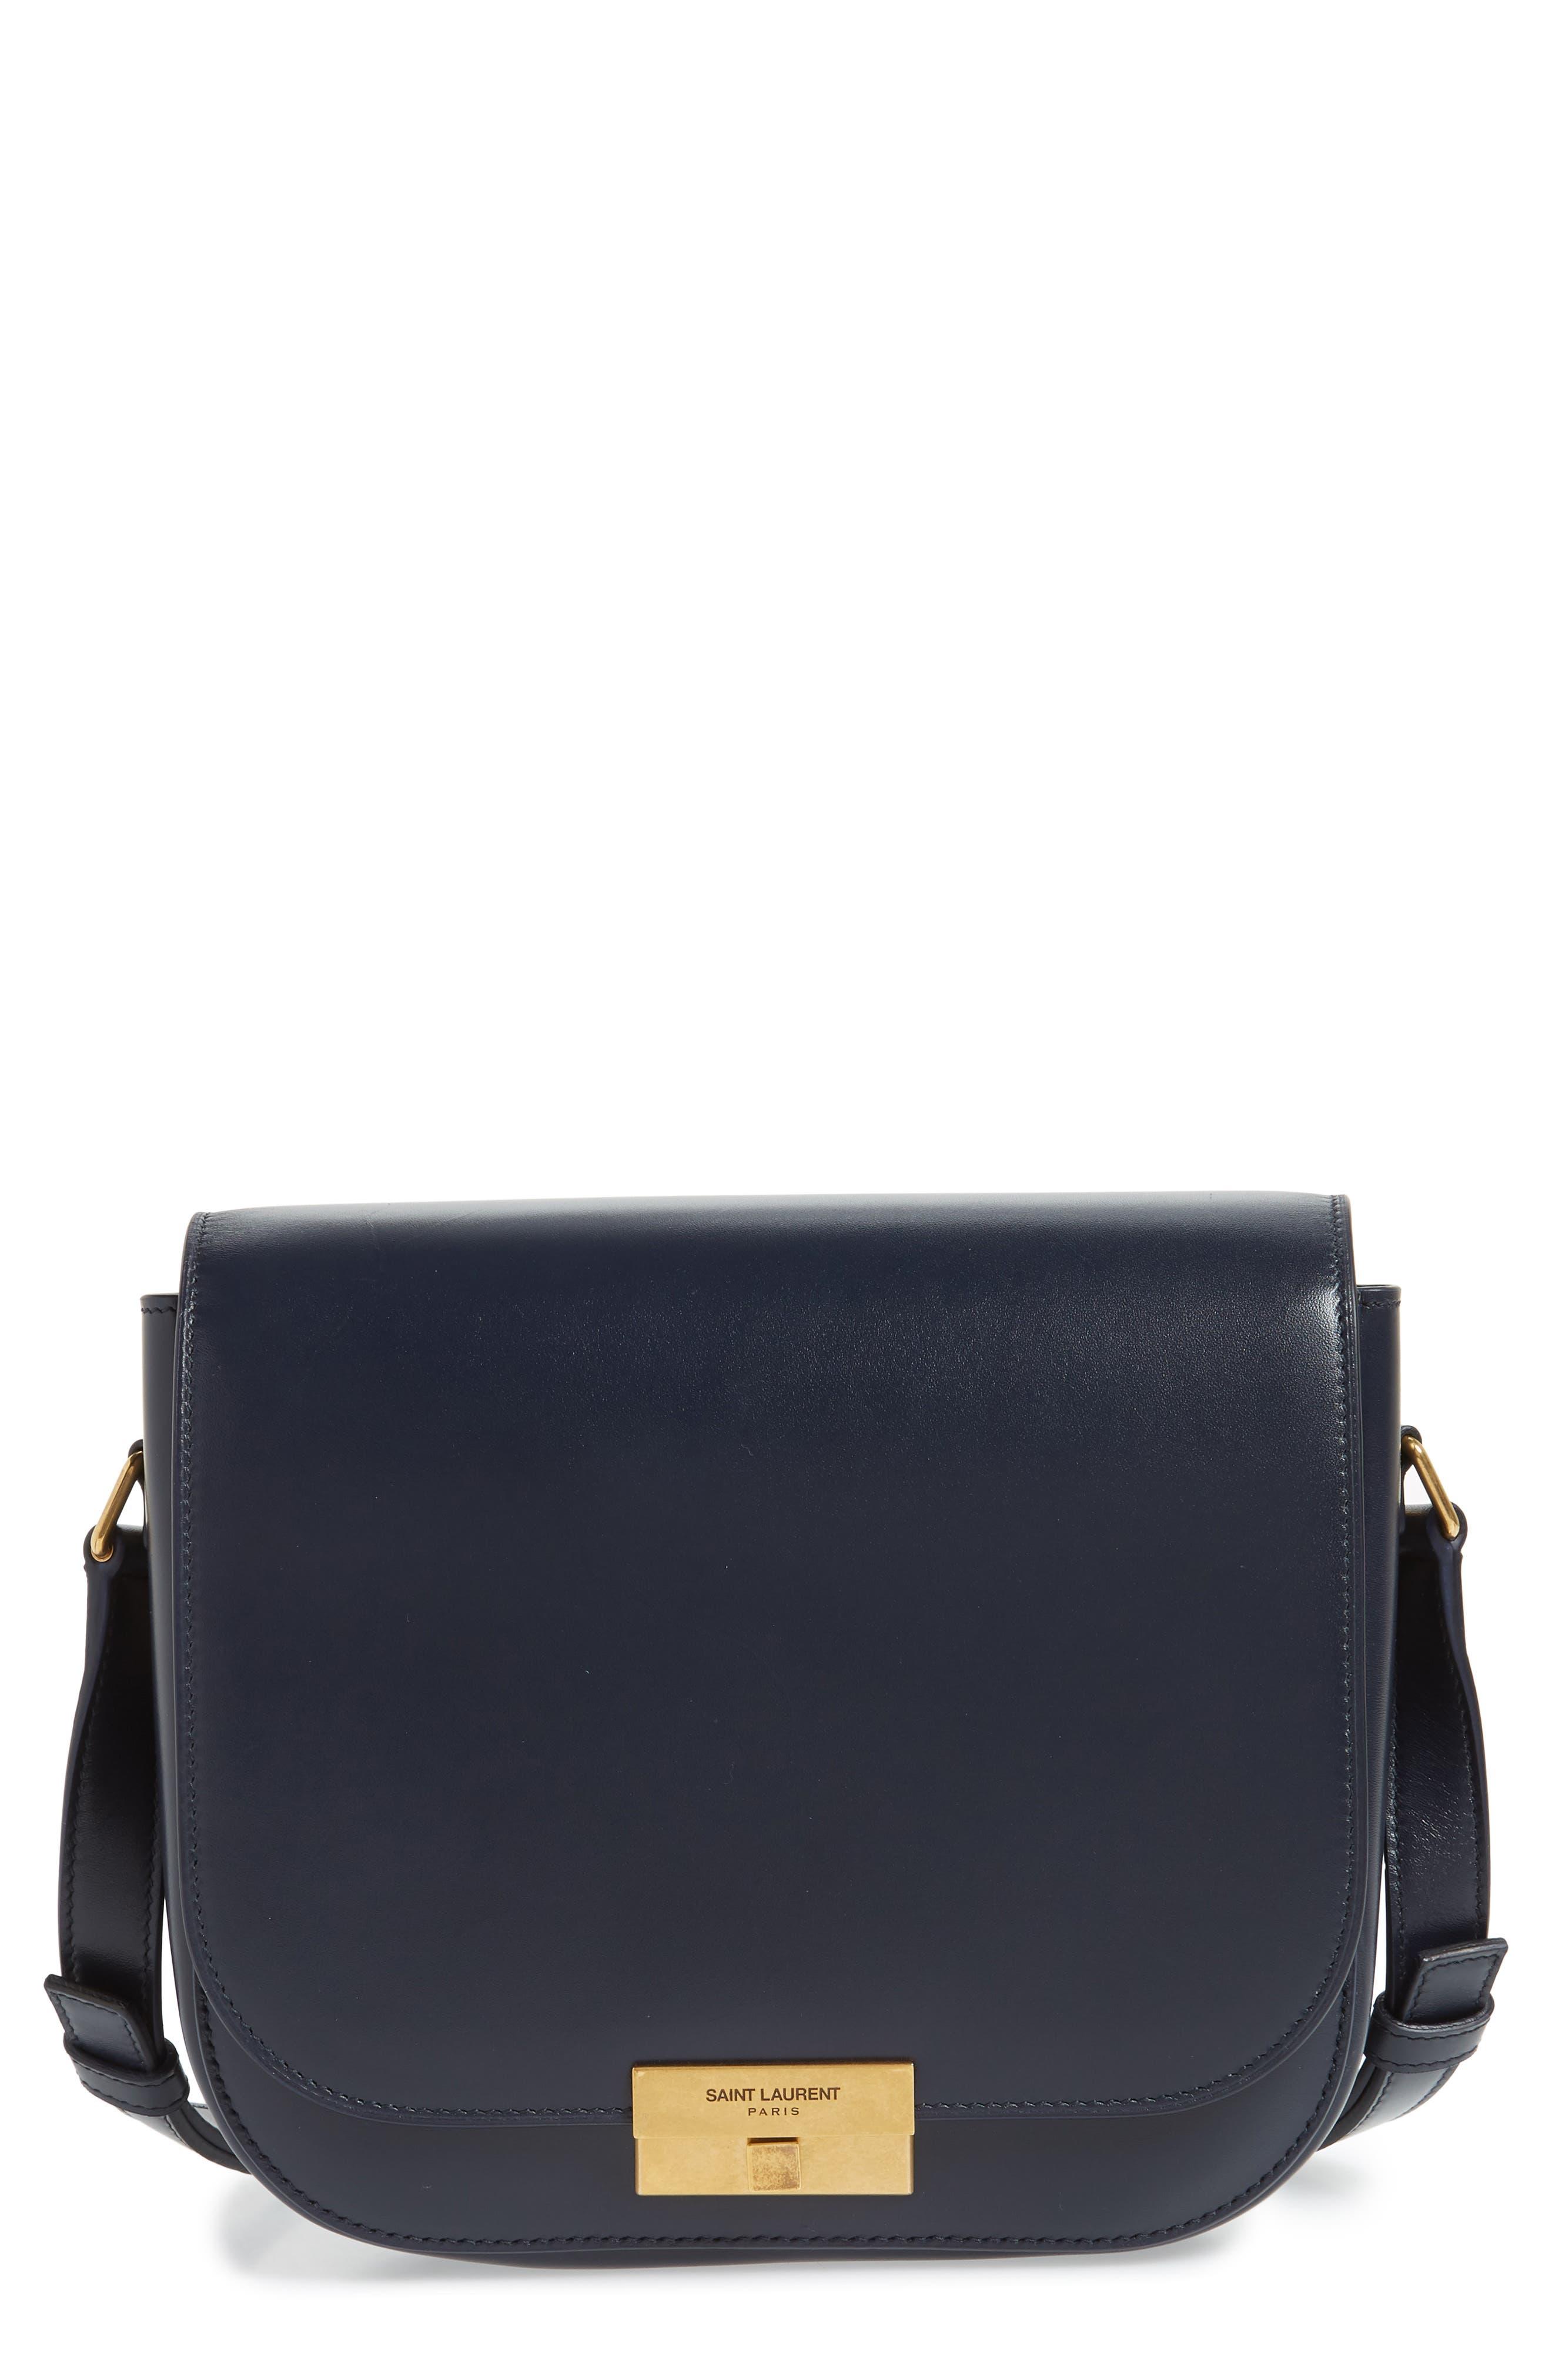 Saint Laurent Women S Bags